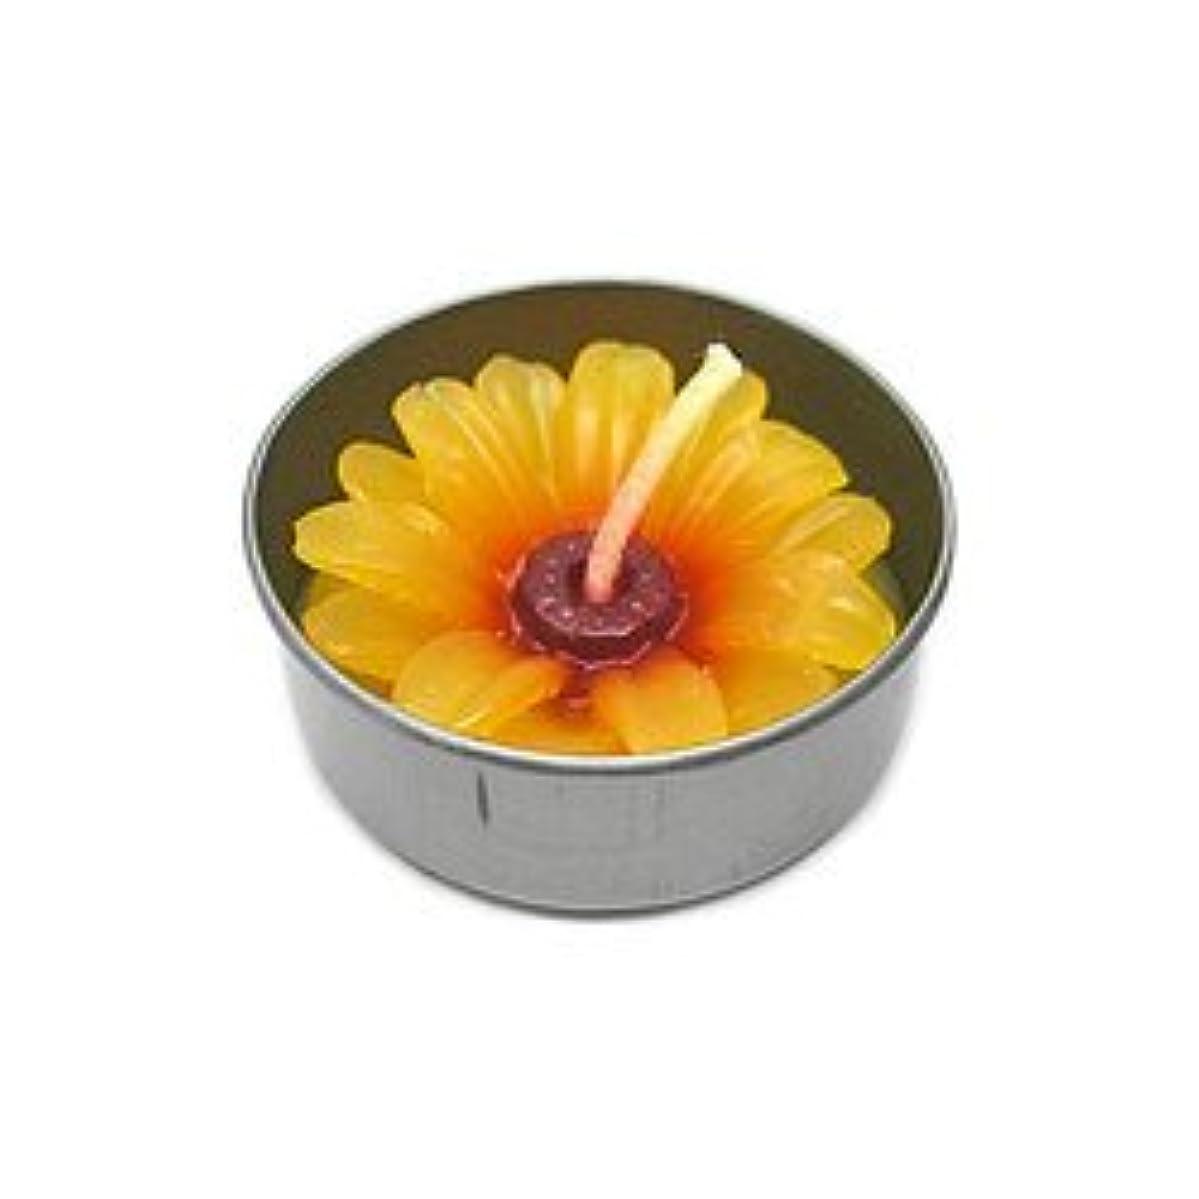 理想的にはツイン珍味アロマキャンドル  ミニ お花 薄オレンジ 鉄の器入り 器直径4cm アジアン雑貨